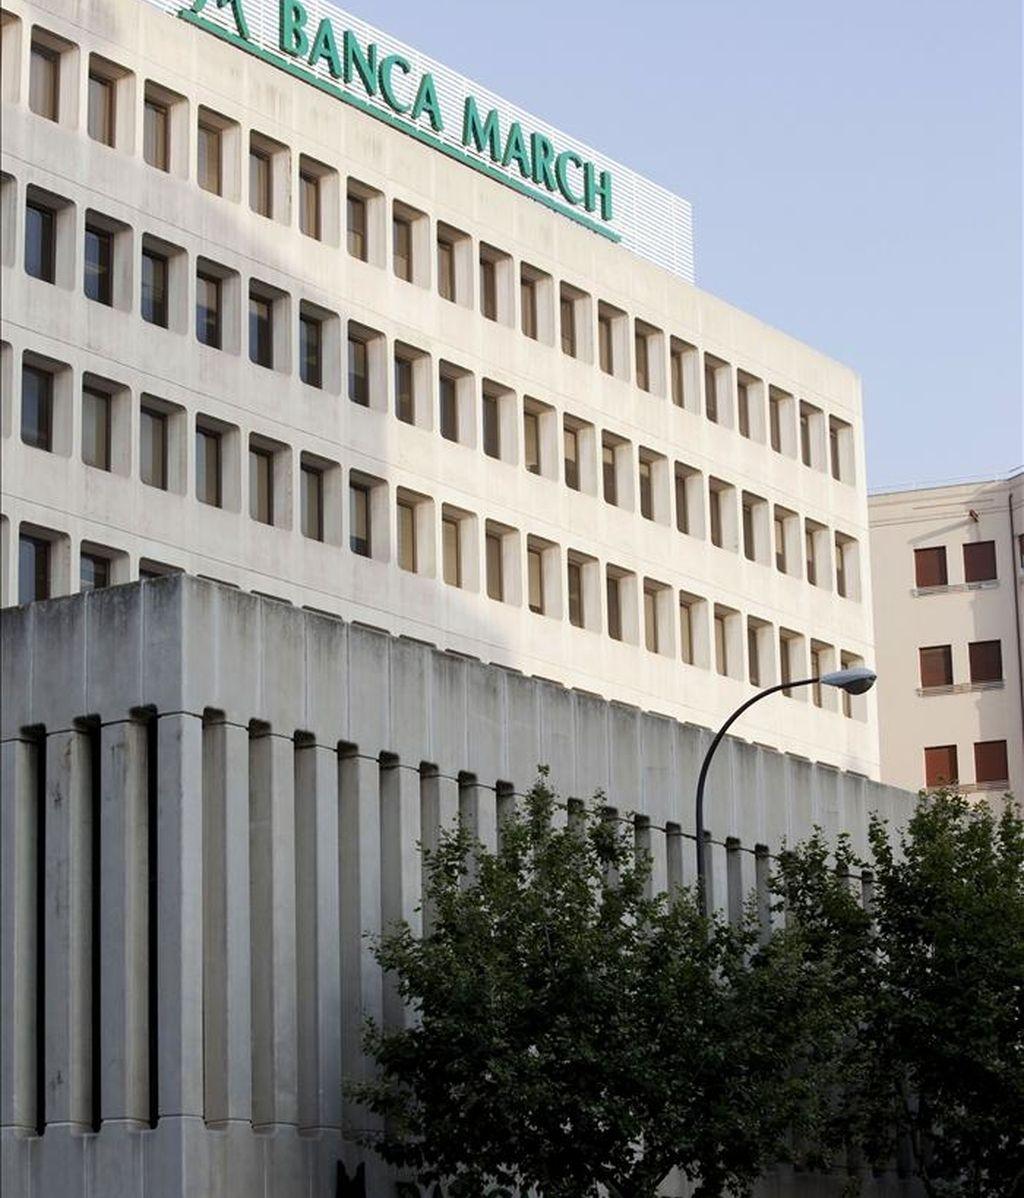 Banca March ganó 59 millones de euros hasta marzo, un 71 % más que el año pasado, si bien el beneficio bancario registrado se ha reducido en un 14,9 %, informó hoy el banco a la Comisión Nacional del Mercado de Valores. EFE/Archivo